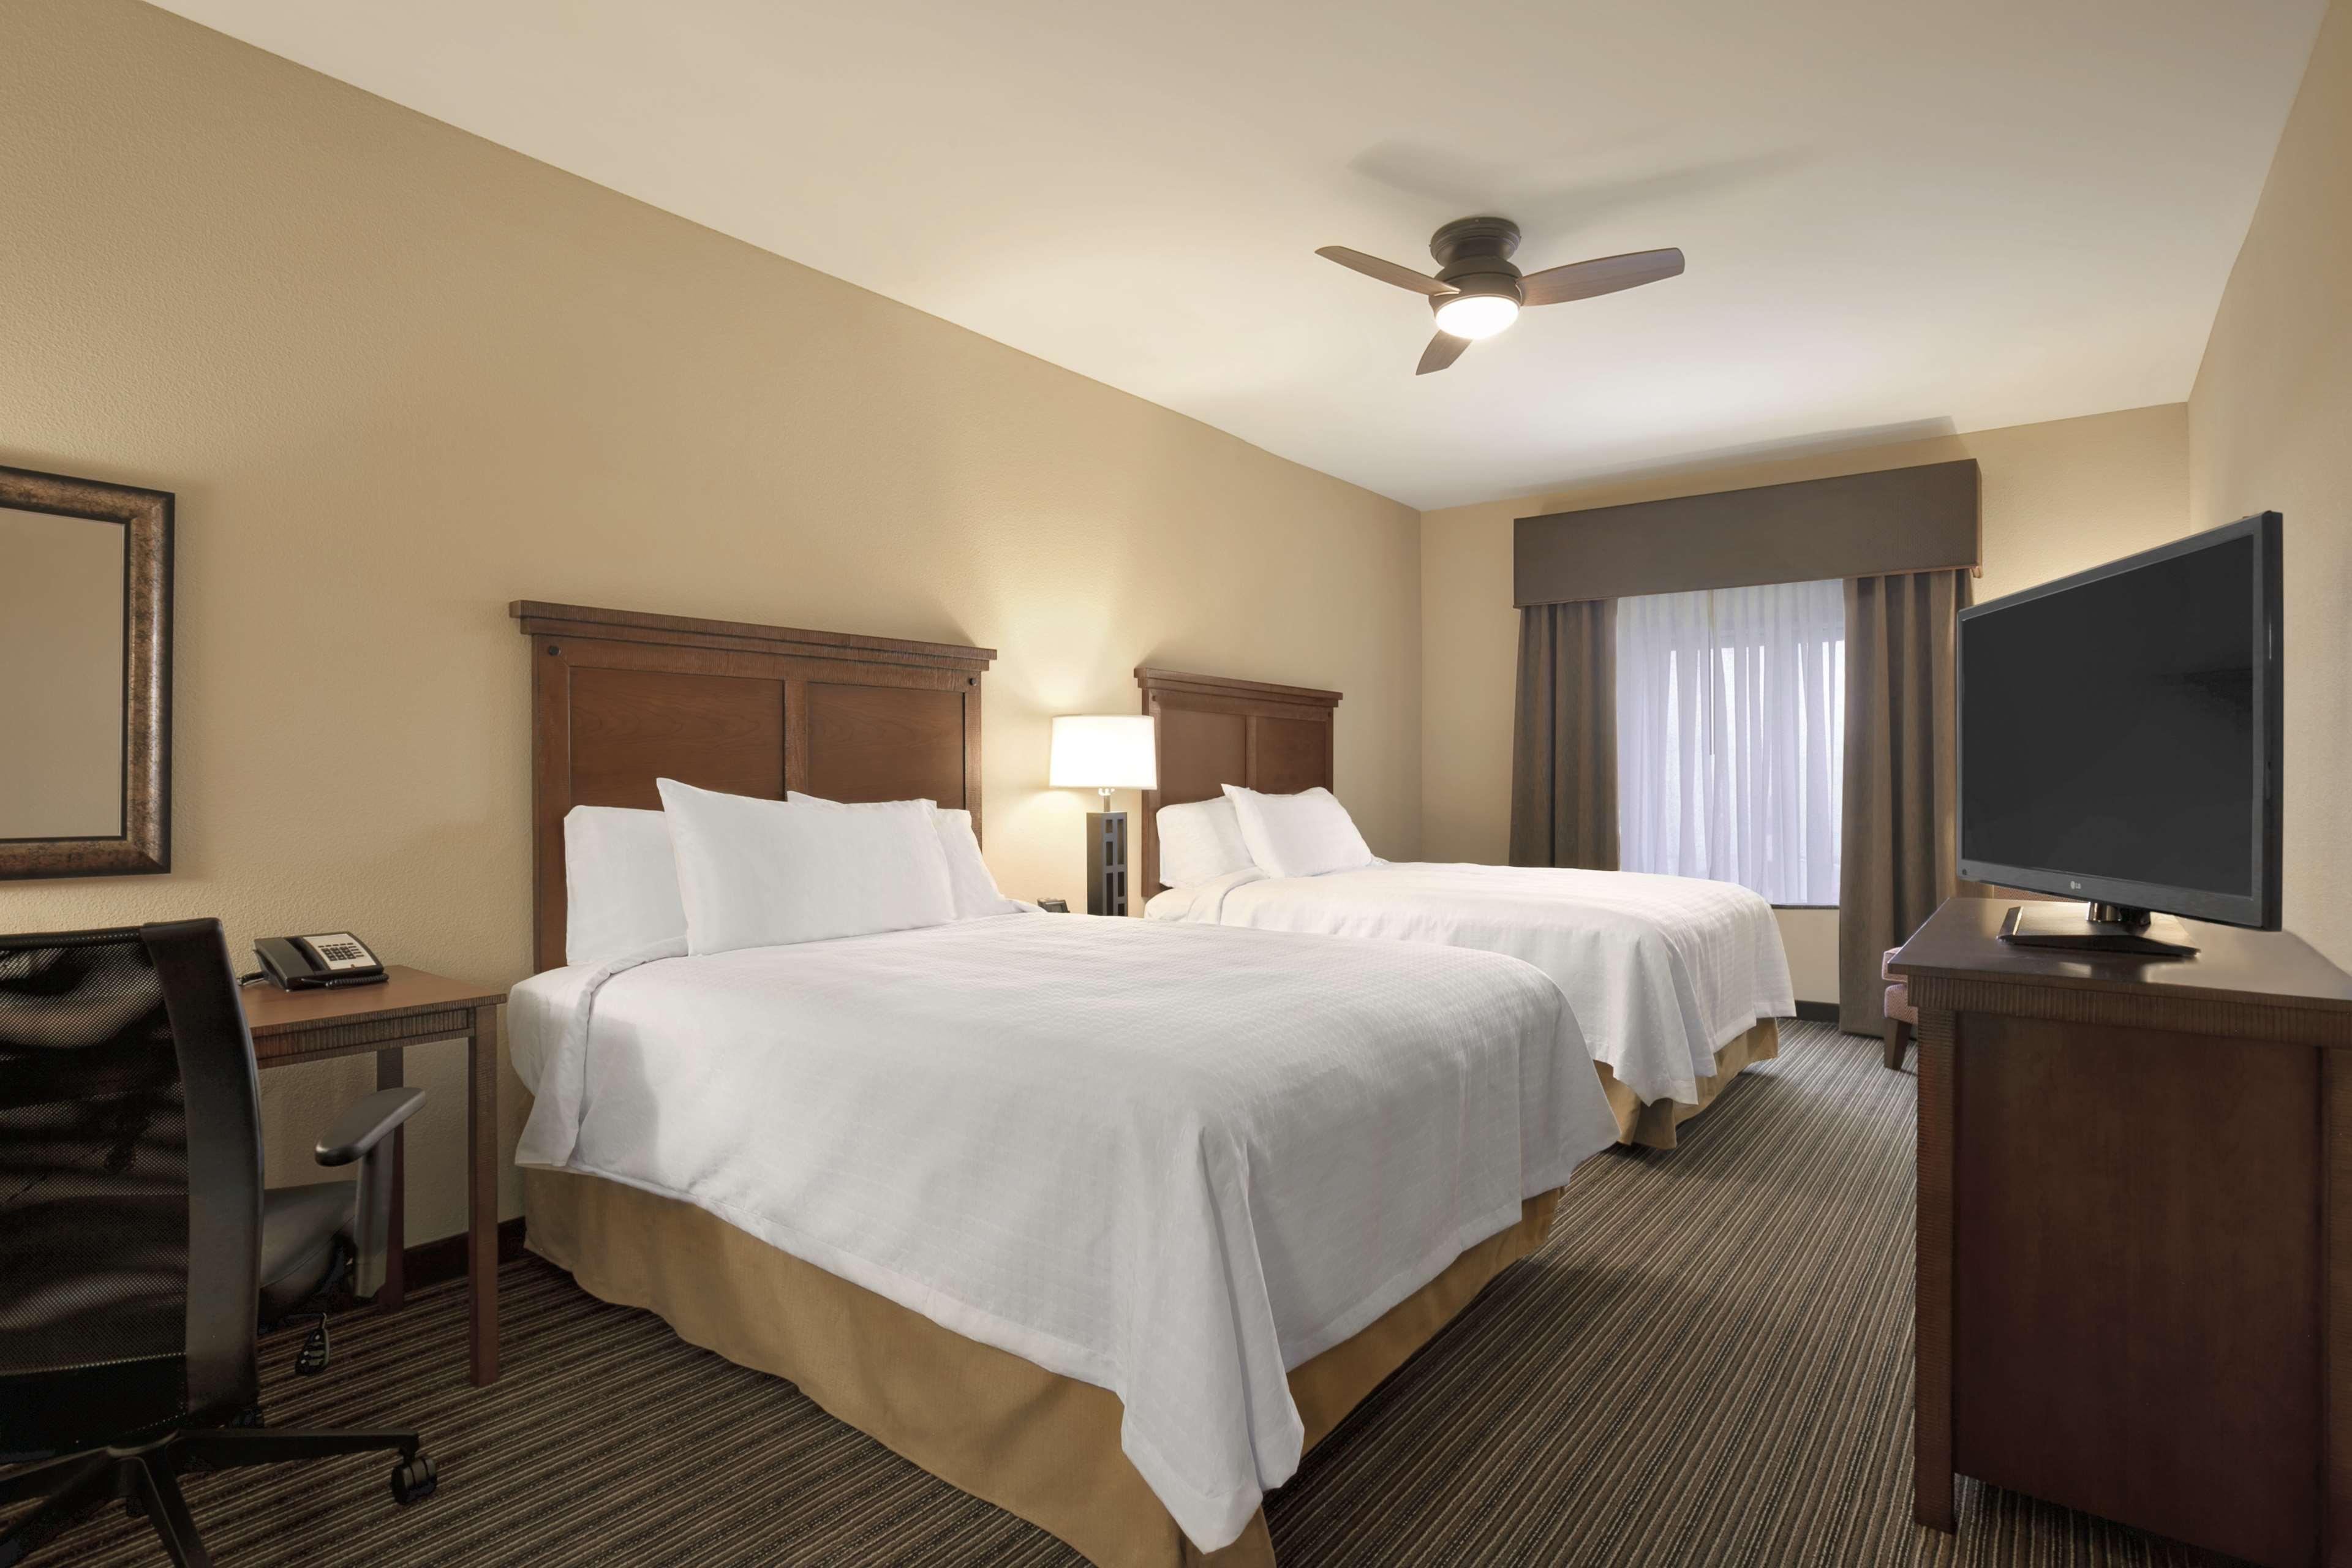 Homewood Suites by Hilton Kalispell, MT image 17